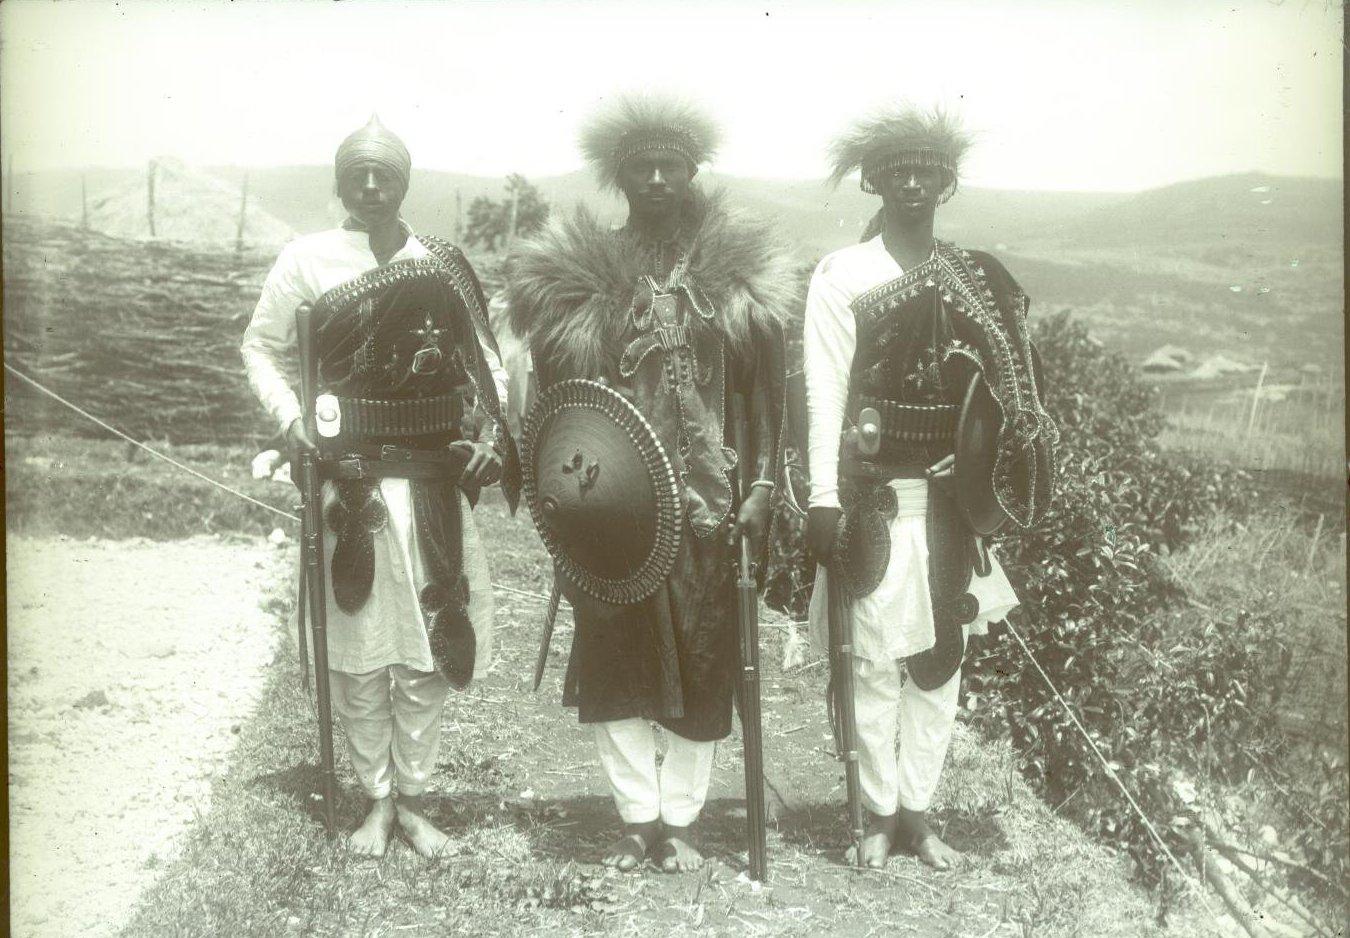 378. 1899. Абиссиния, Аддис-Абеба. Деджазмач (воевода) Ильма с братом в парадной форме